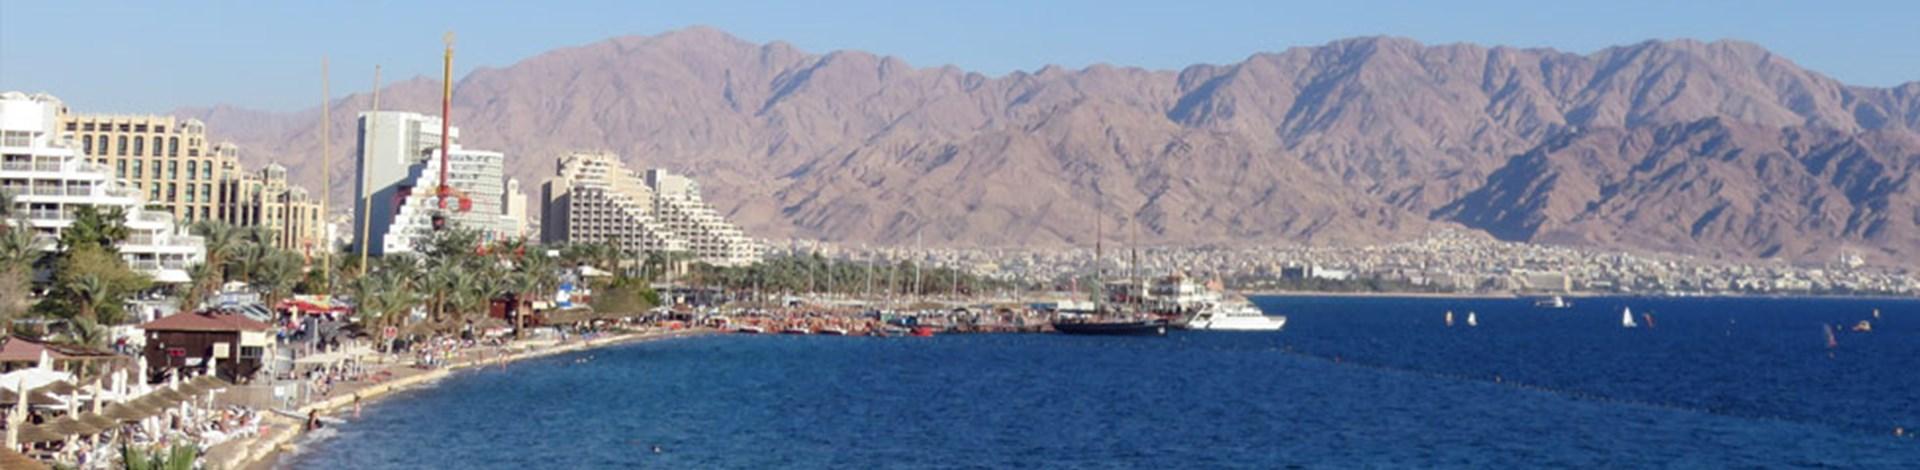 Eilat beach, Israel